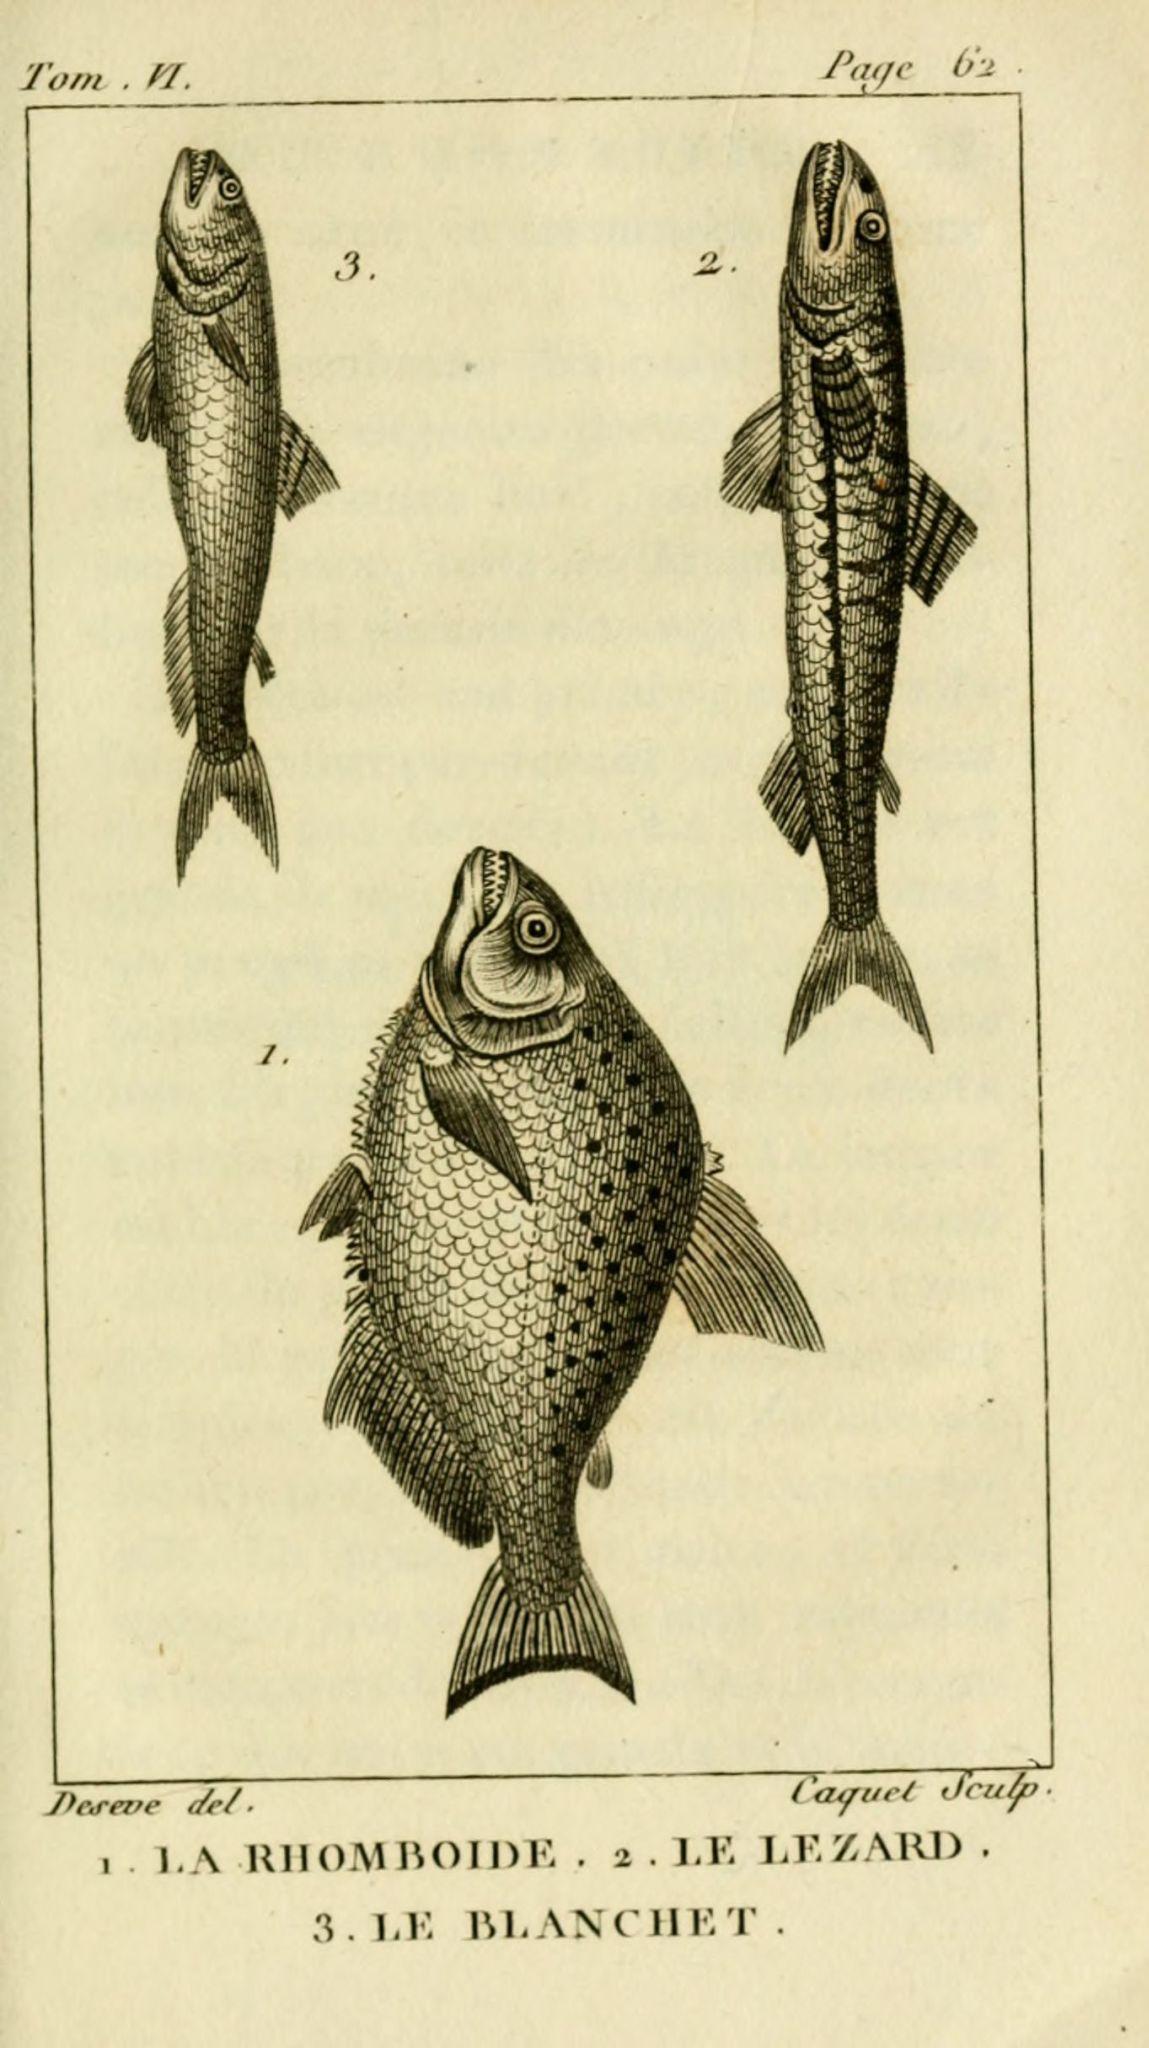 gravures_poissons_-_6085_rhomboide__-_lezard__-_blanchet